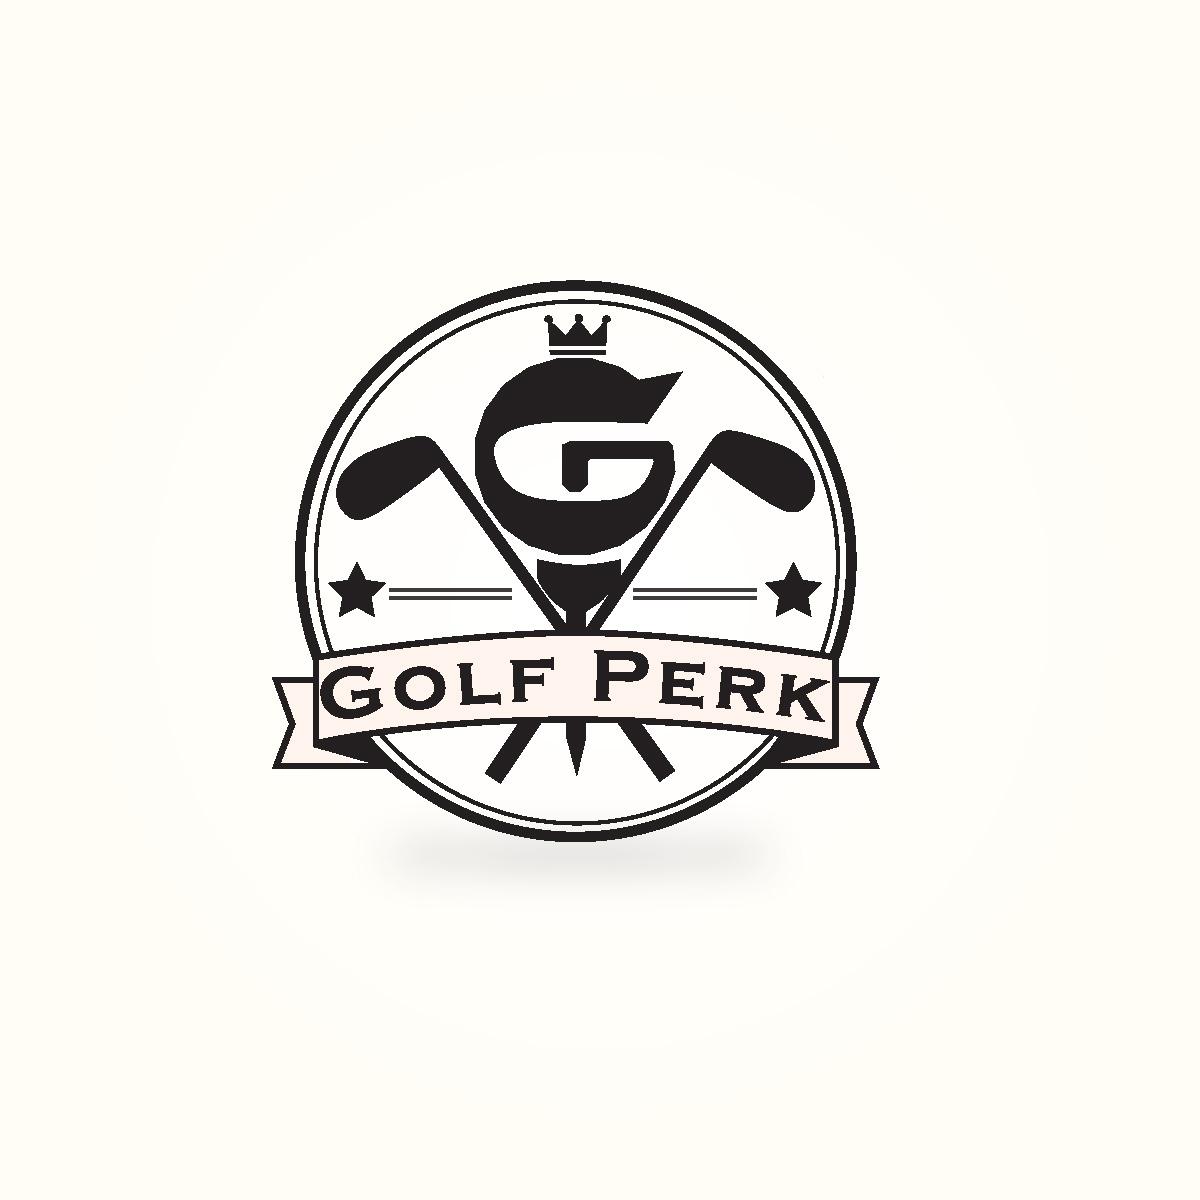 GOLFPERK.COM